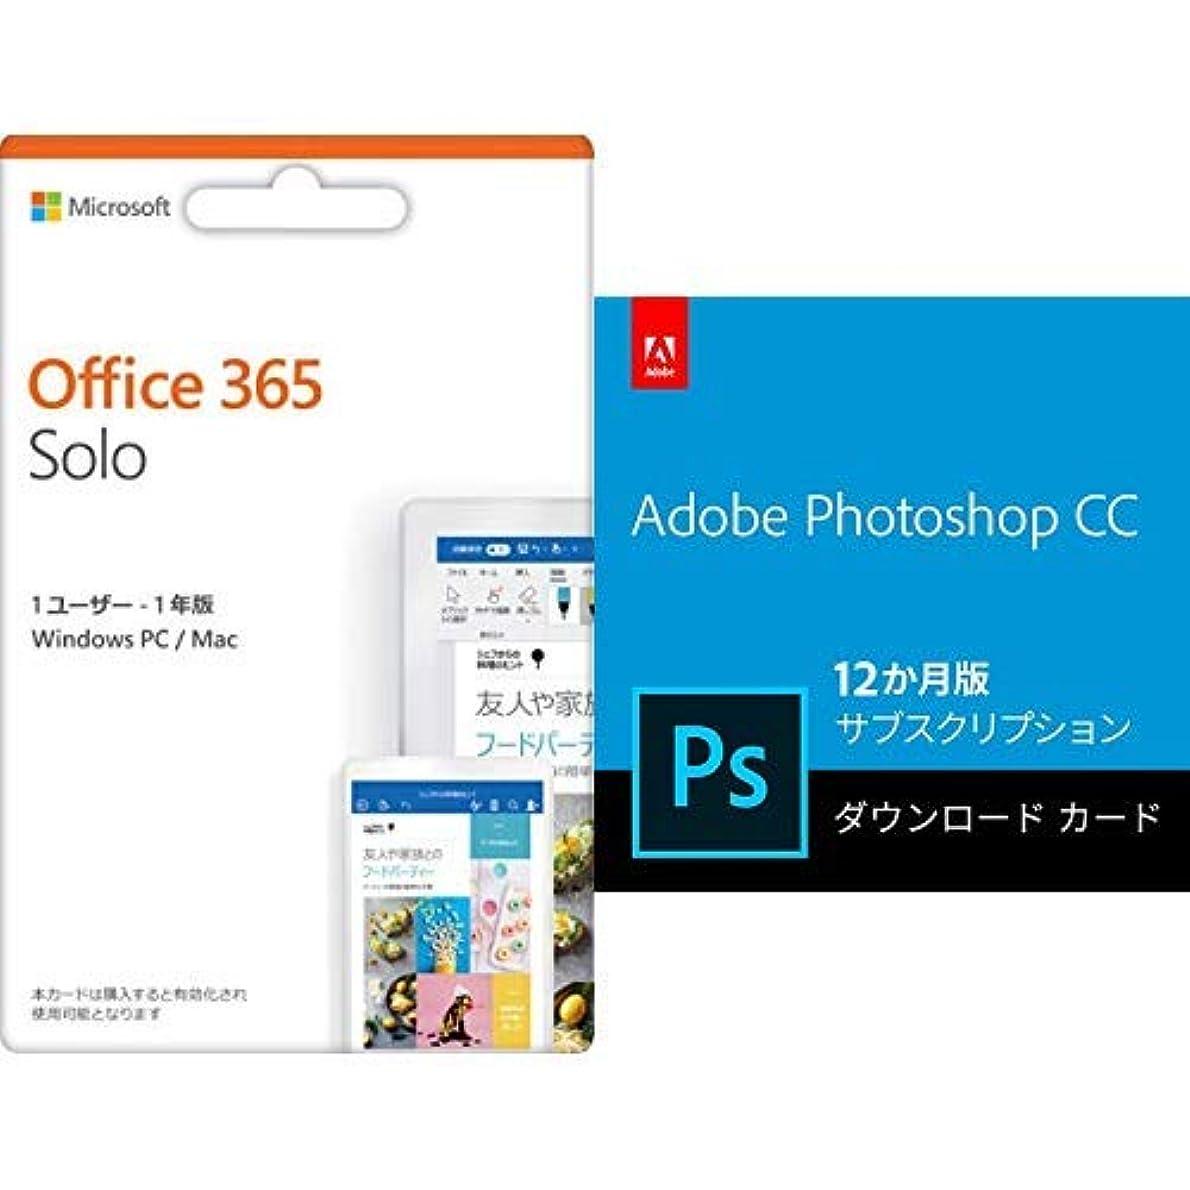 年金受給者カビ奨励【セット商品】Microsoft 365 Solo+Adobe Photoshop CC 12カ月版